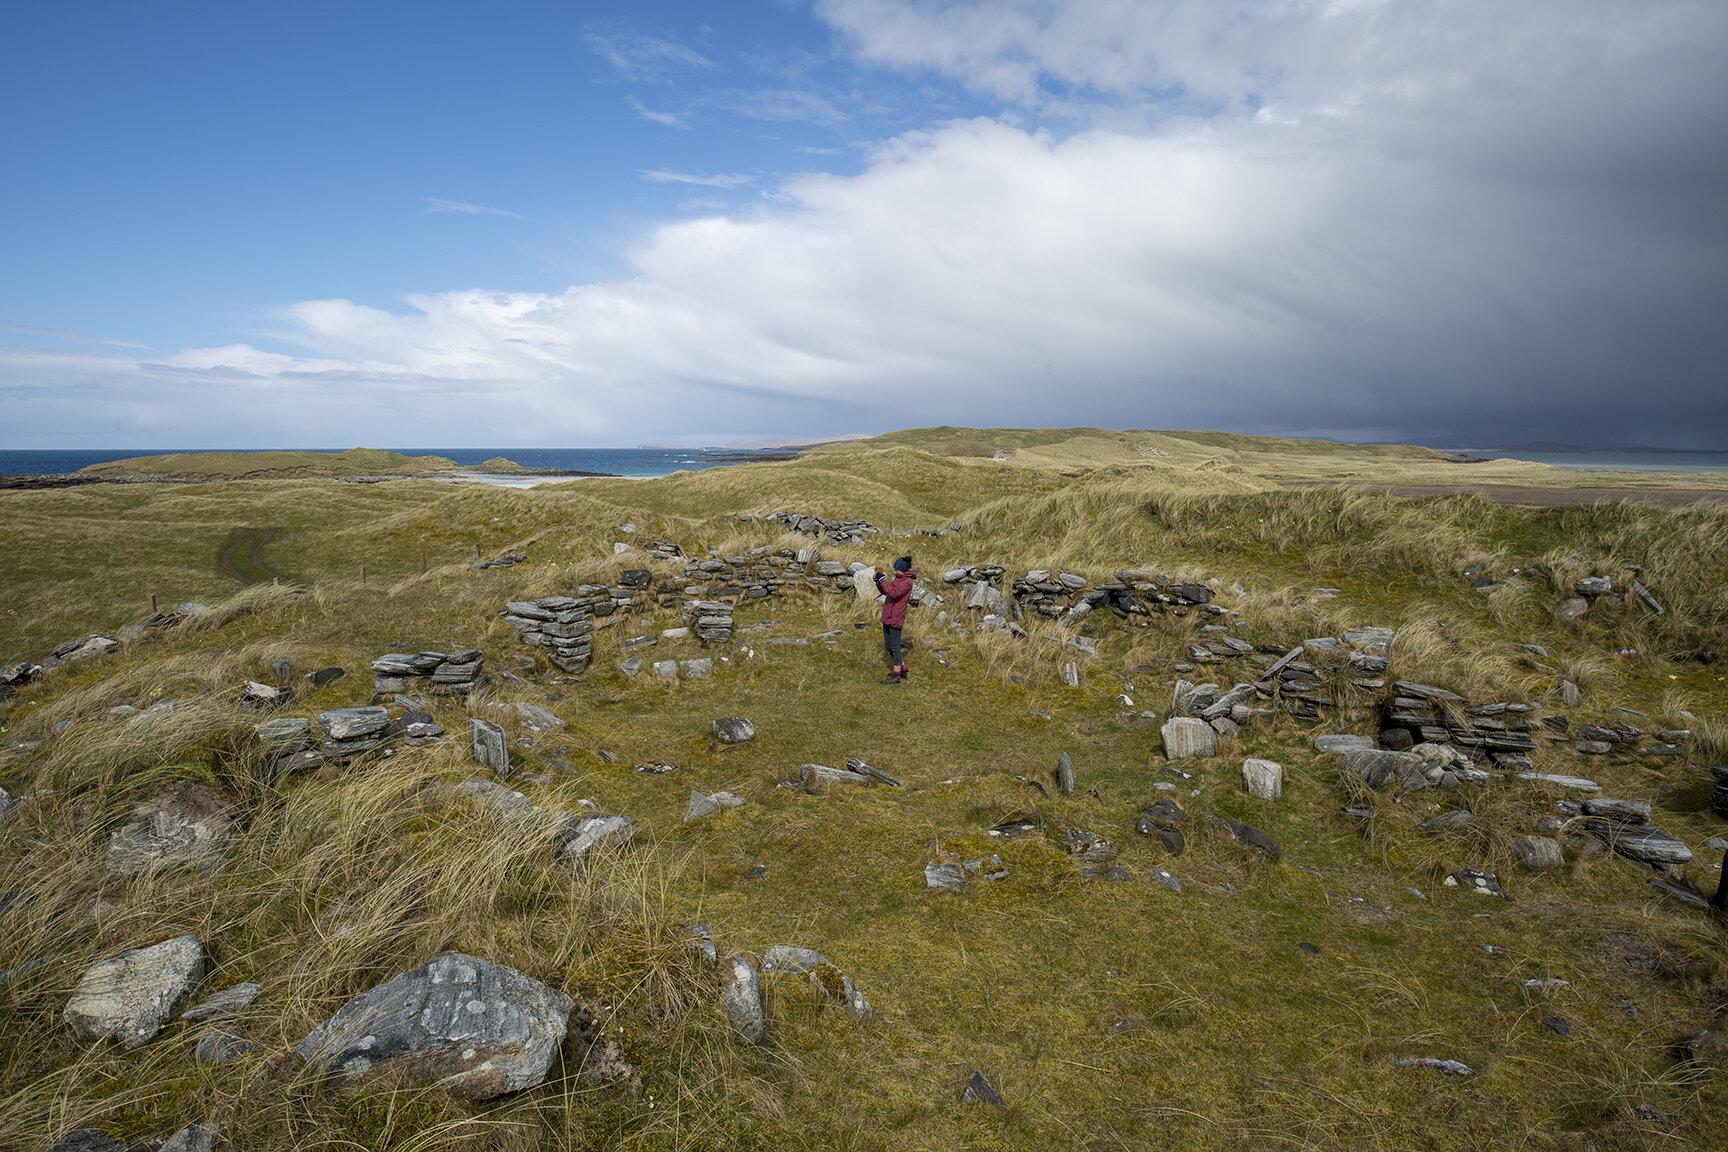 Kate within the wheelhouse archaeological site on Udal peninsula.